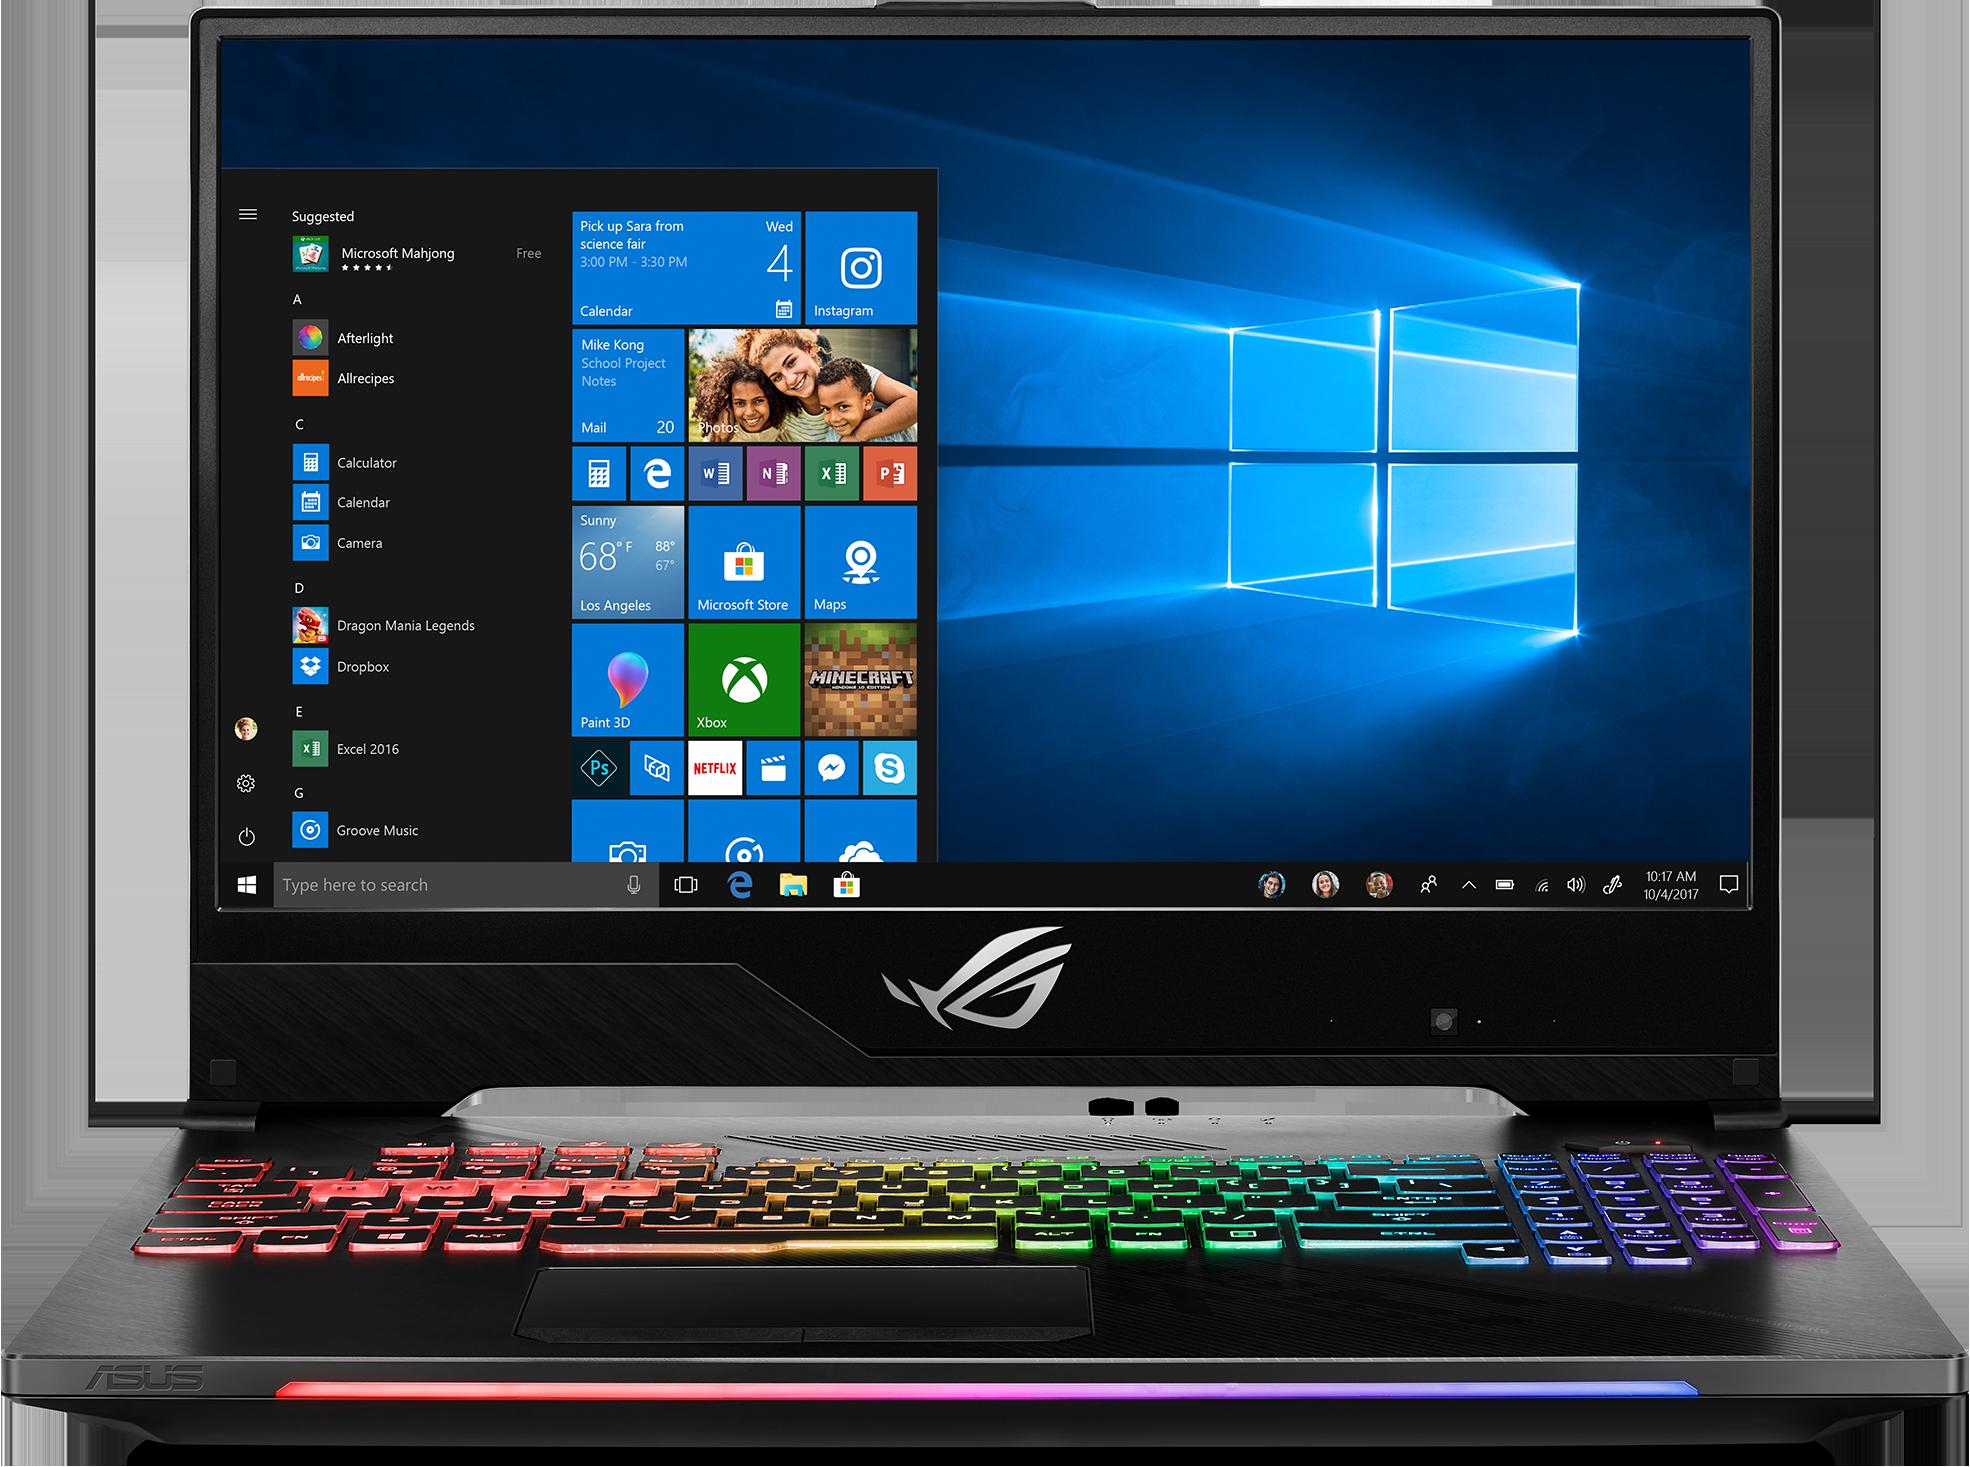 ASUS ROG STRIX Hero II GL504GM-IH73 Gaming Laptop